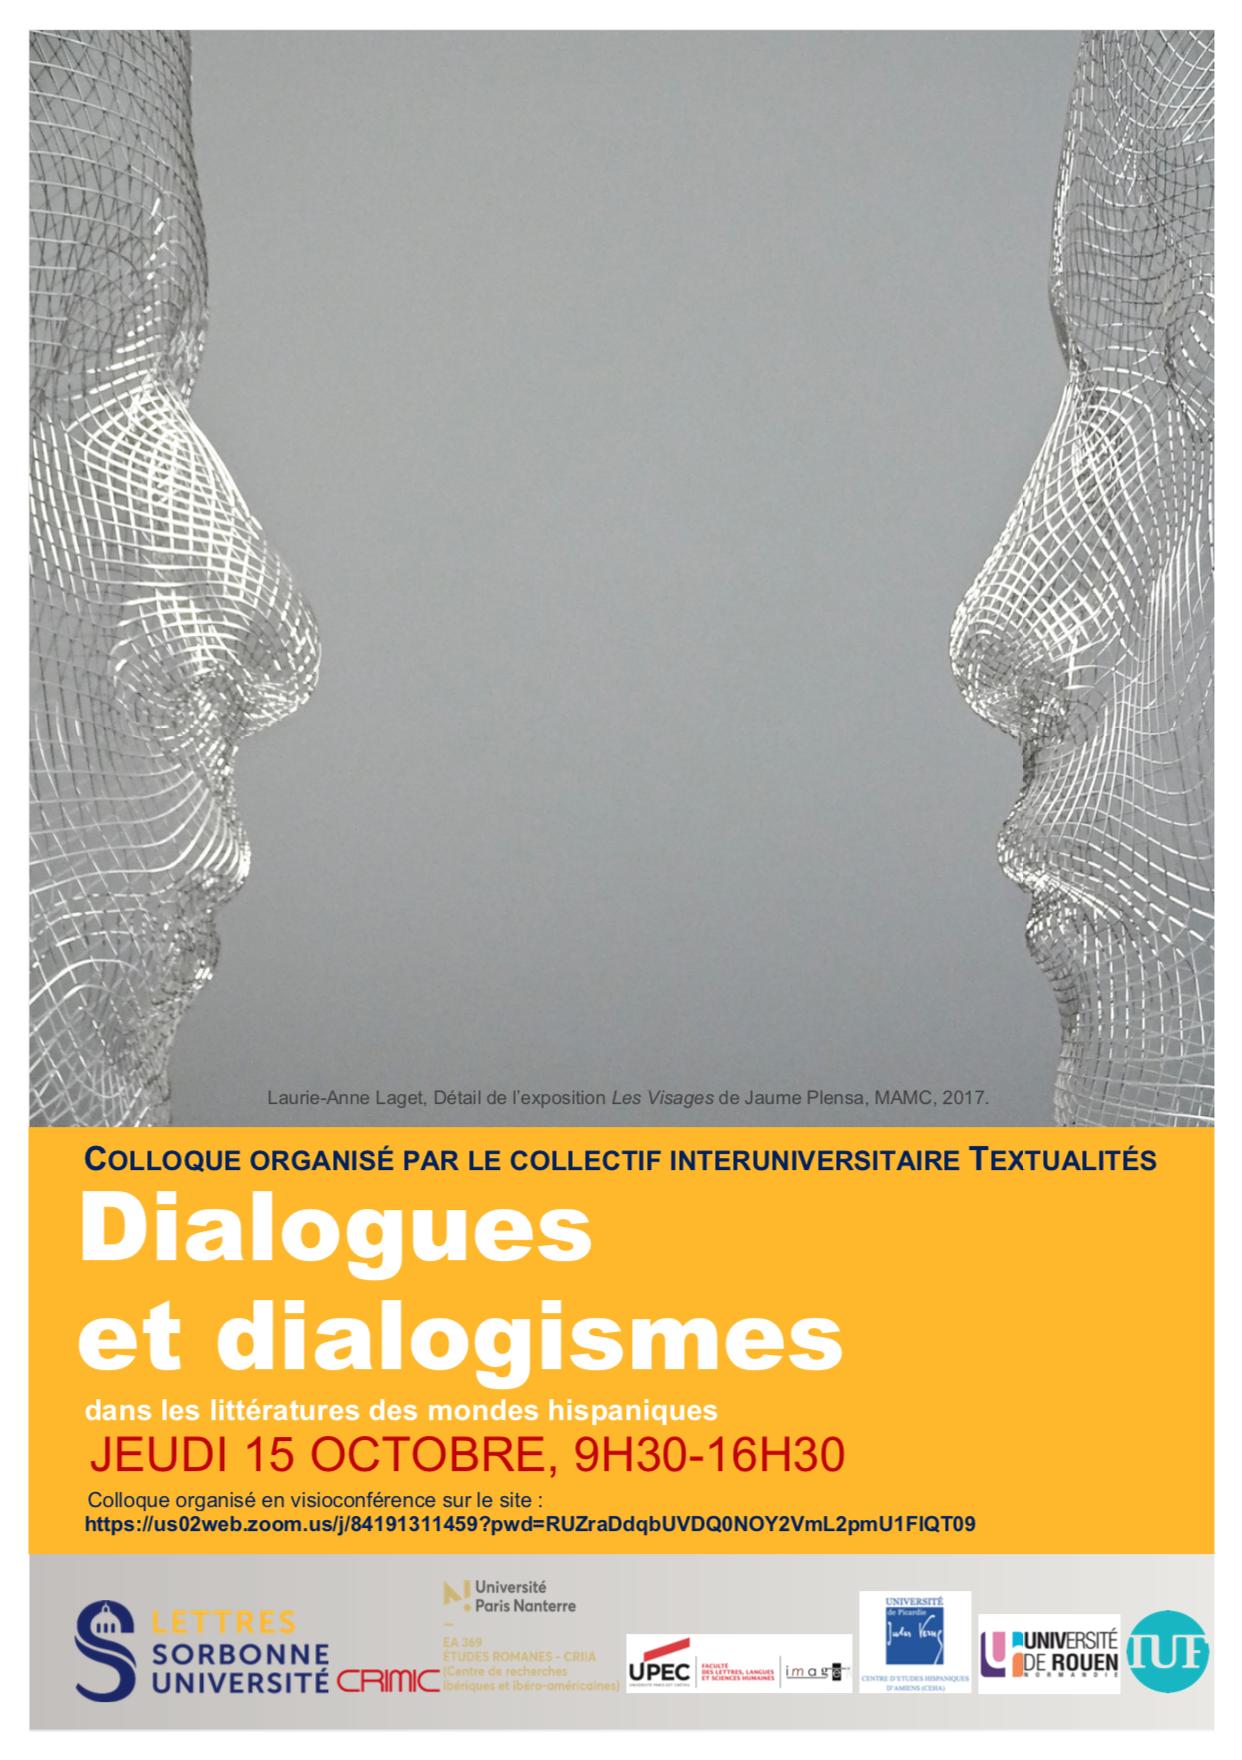 Dialogues et dialogismes dans les littératures des mondes hispaniques